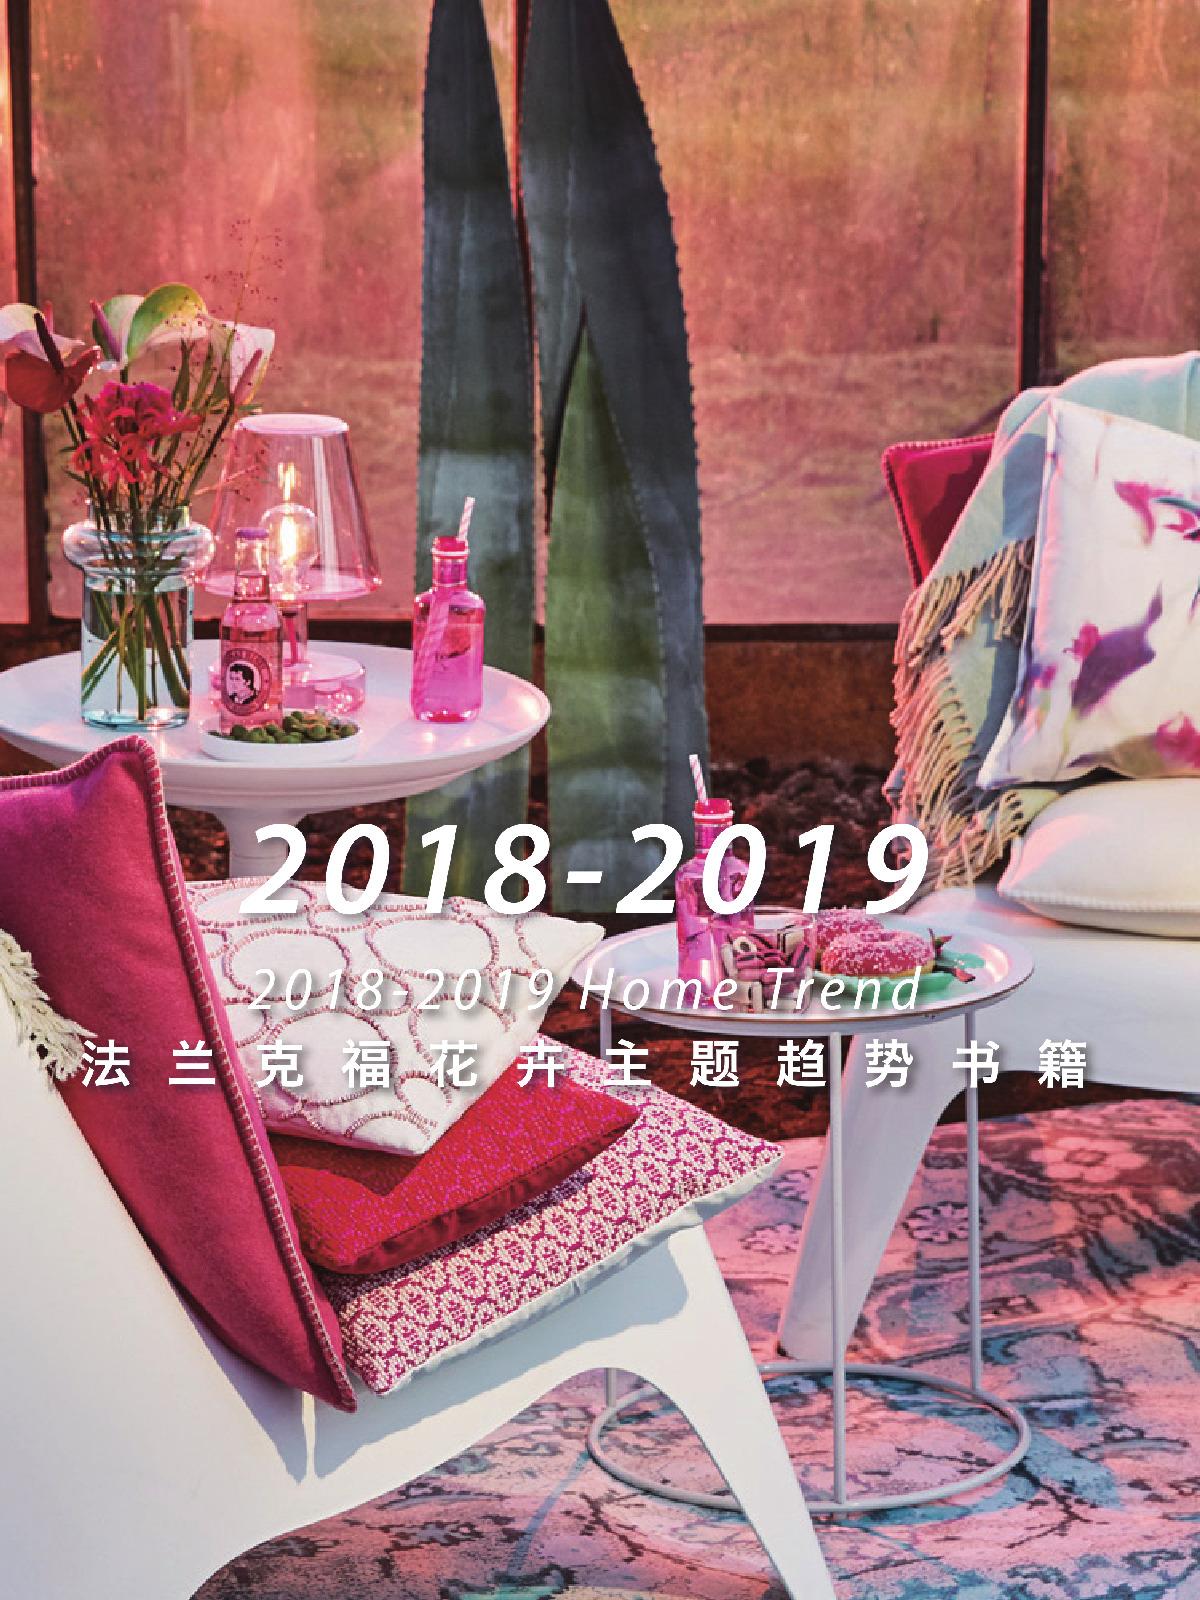 《HOME TREND》2018-2019法兰克福花卉主题趋势书籍(二)